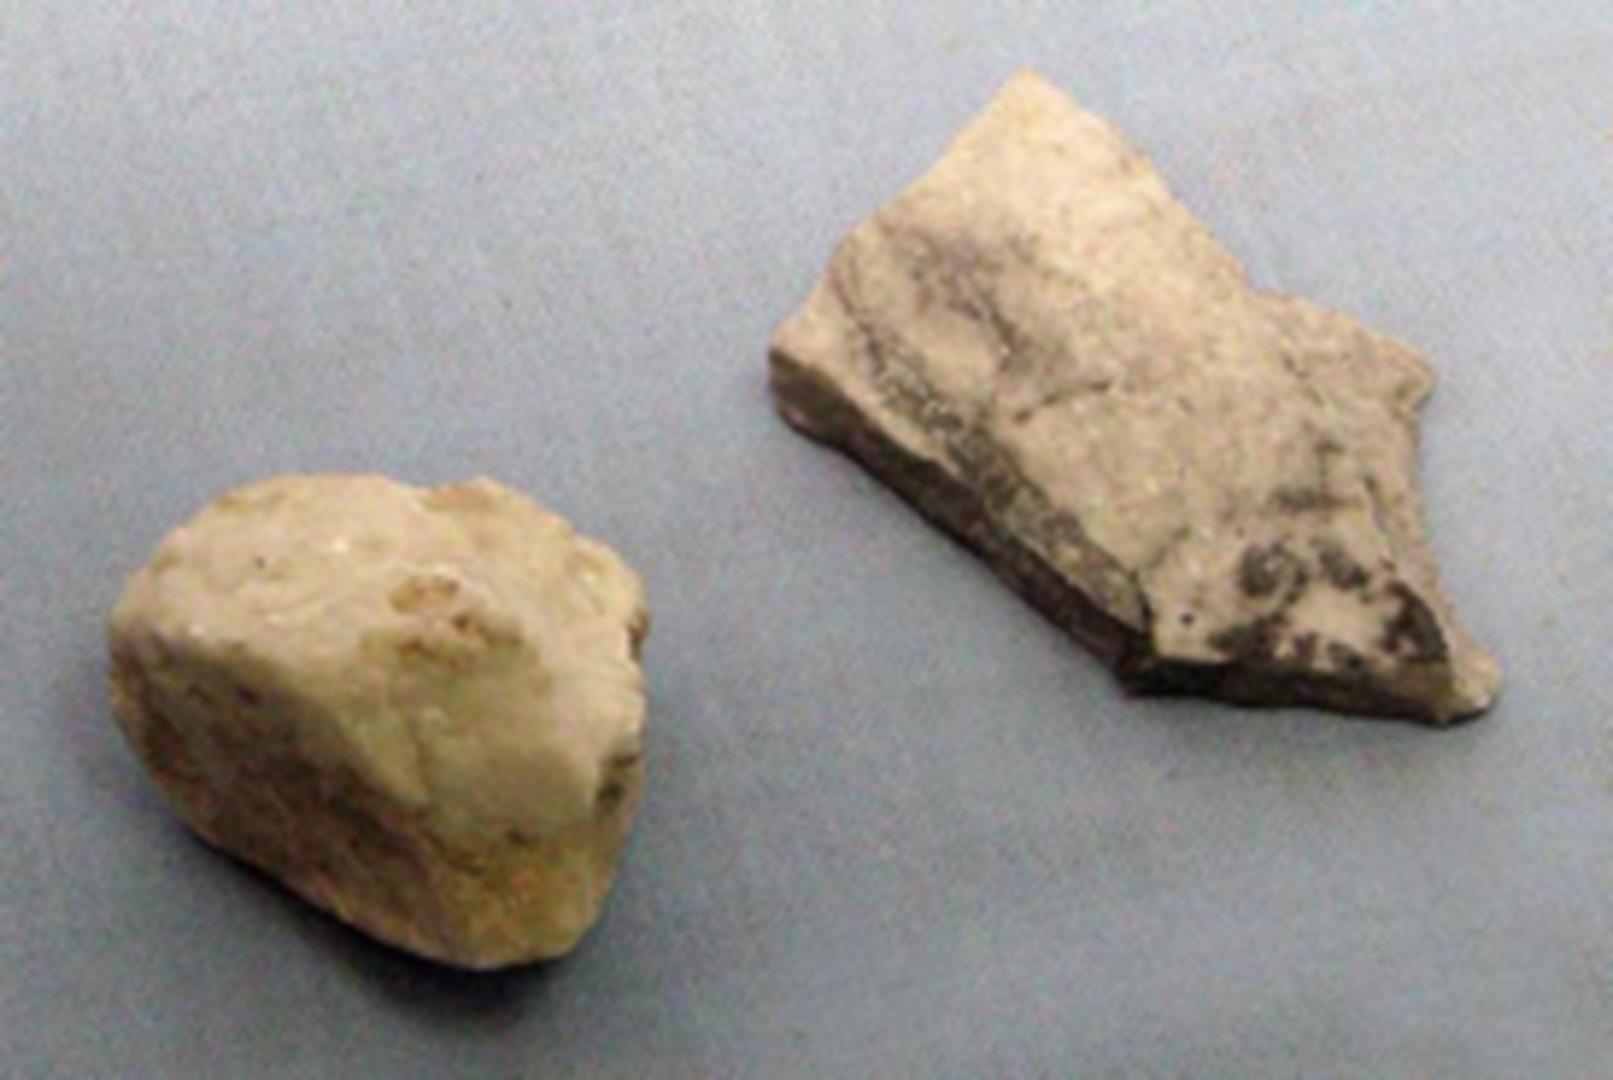 Камень из штольни подземного ракетного завода Миттельверк. Германия, Нордхаузен.1942-1945 гг.